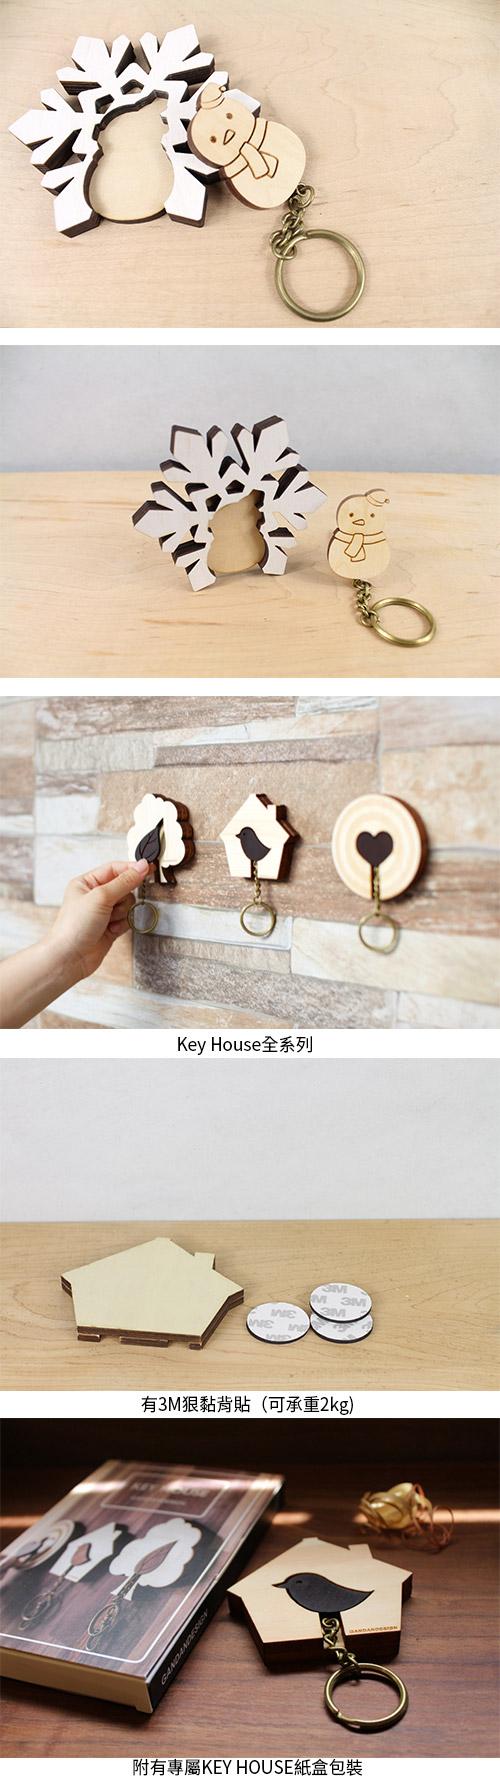 甘丹 Key House 雪精靈